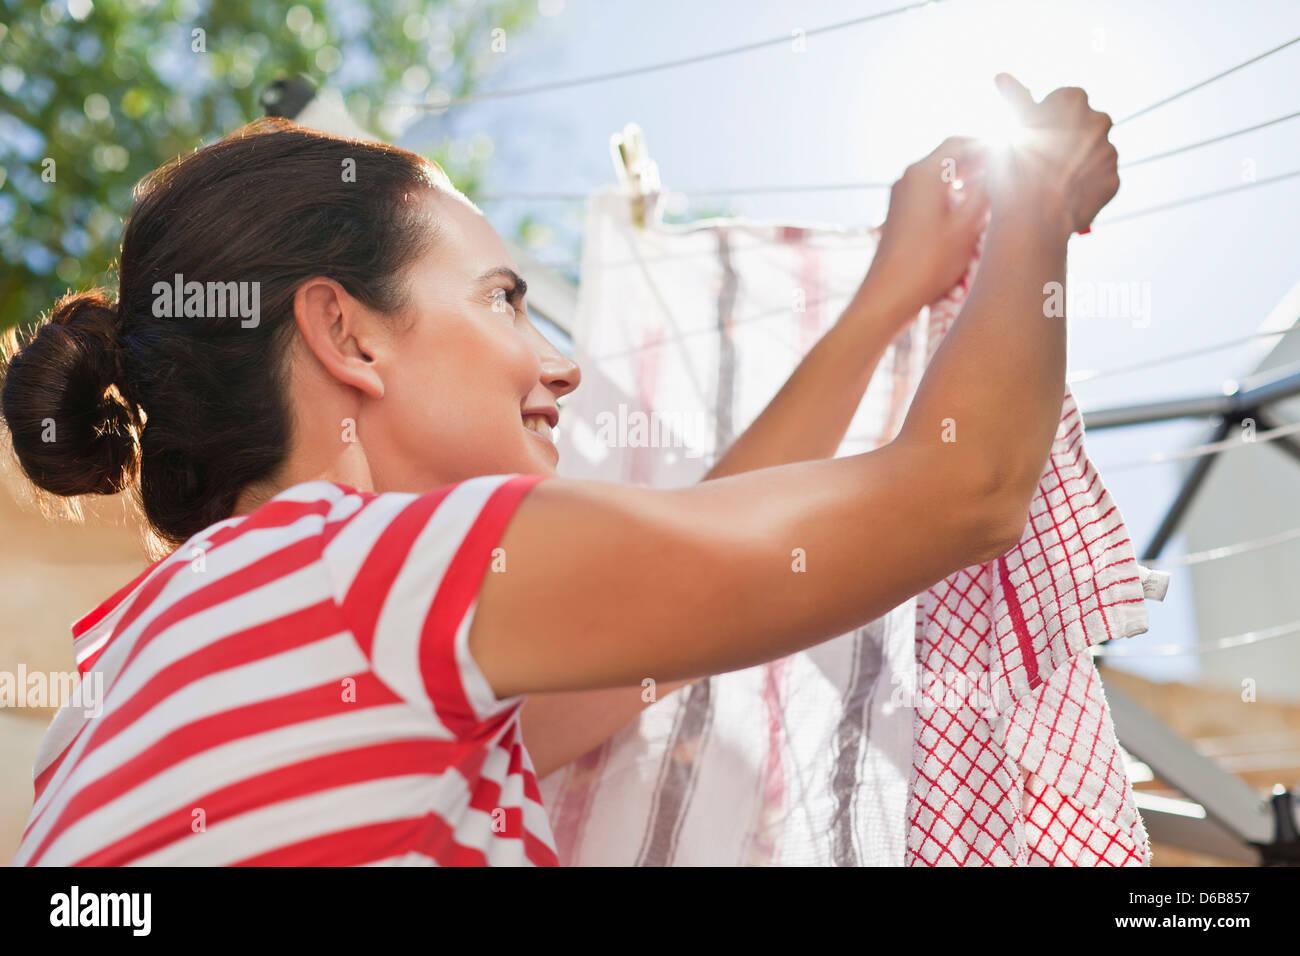 Mujer con ropa colgada en la línea Imagen De Stock